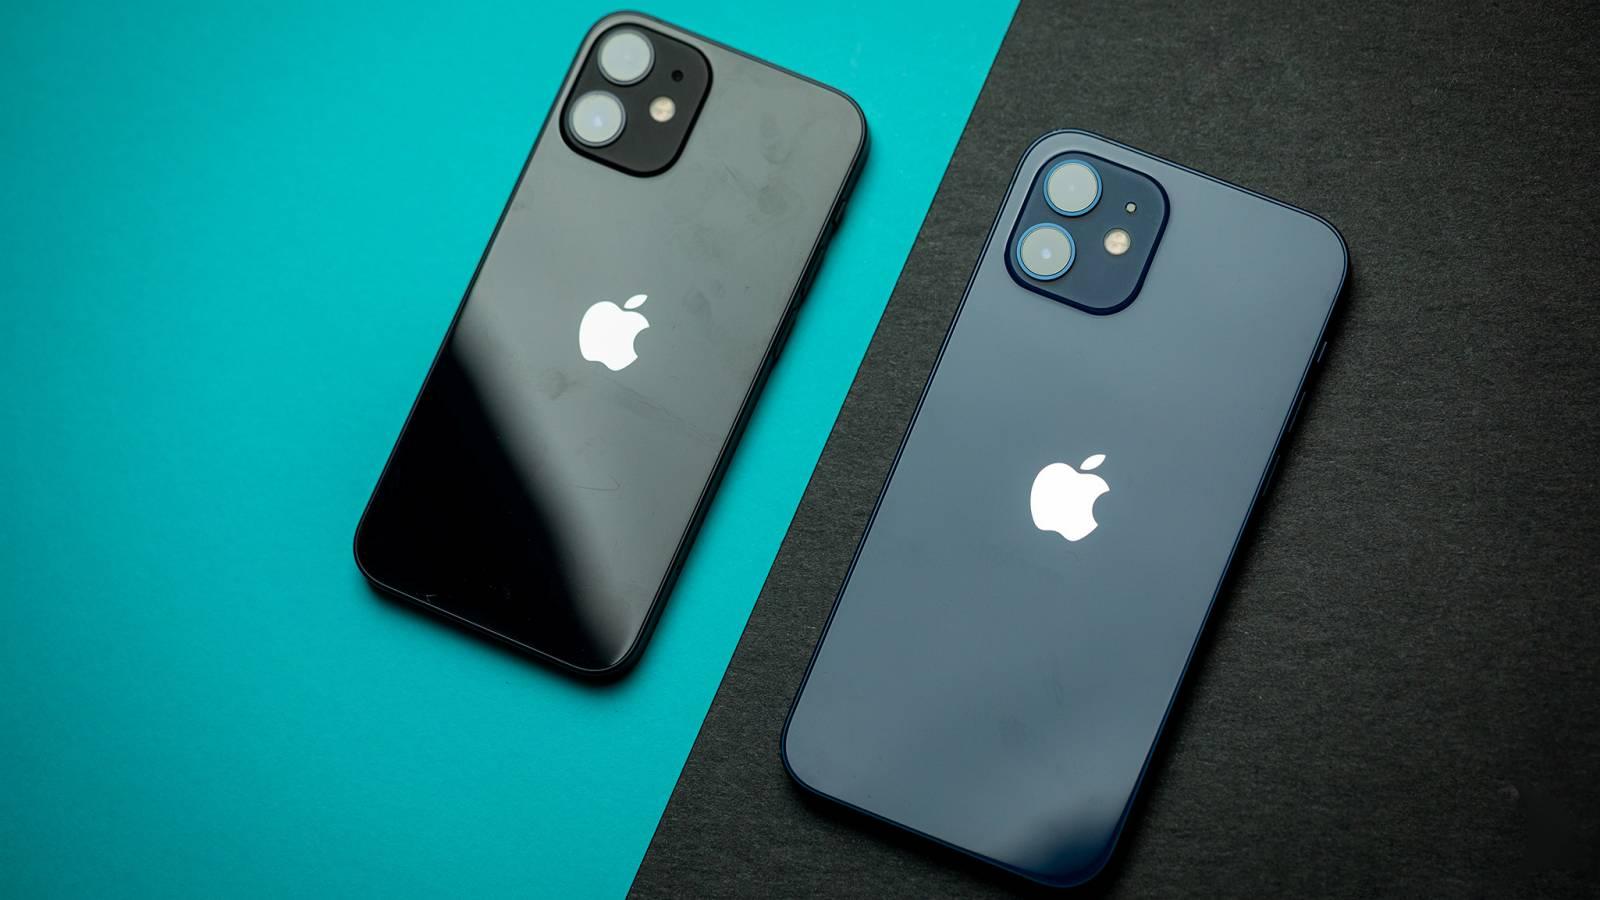 iPhone 12 mini scos vanzare